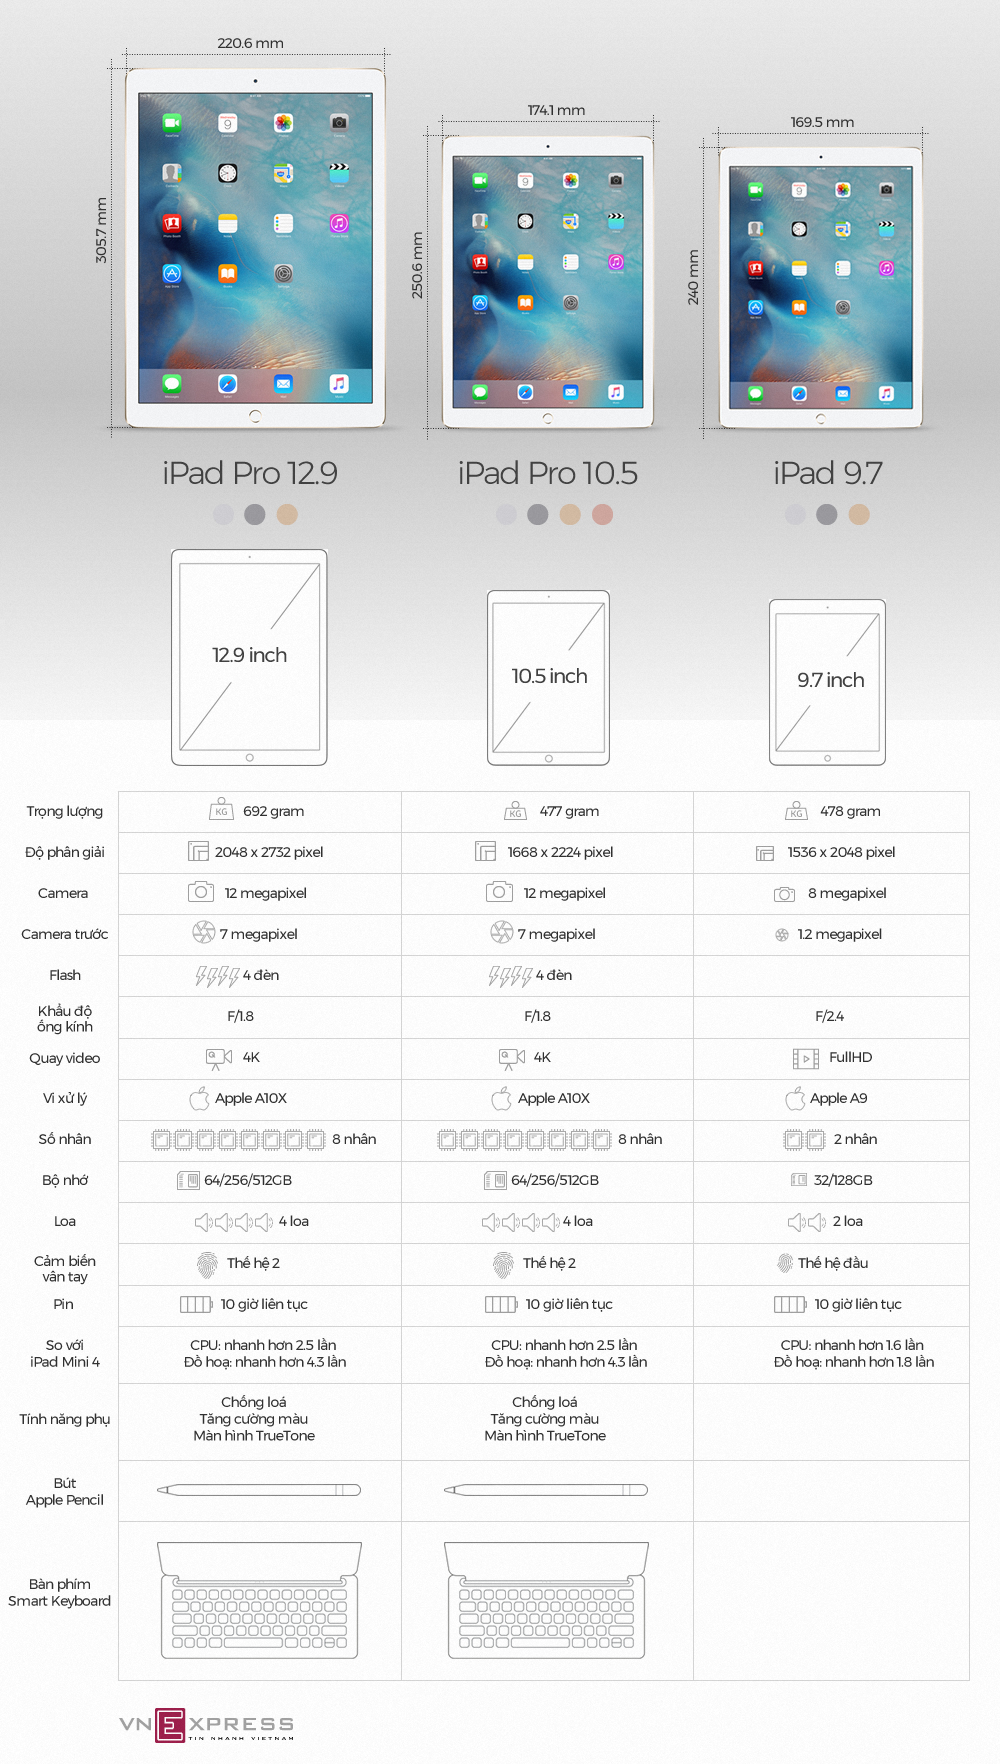 http://img.f5.sohoa.vnecdn.net/2017/06/07/So-sanh-iPad1.jpg